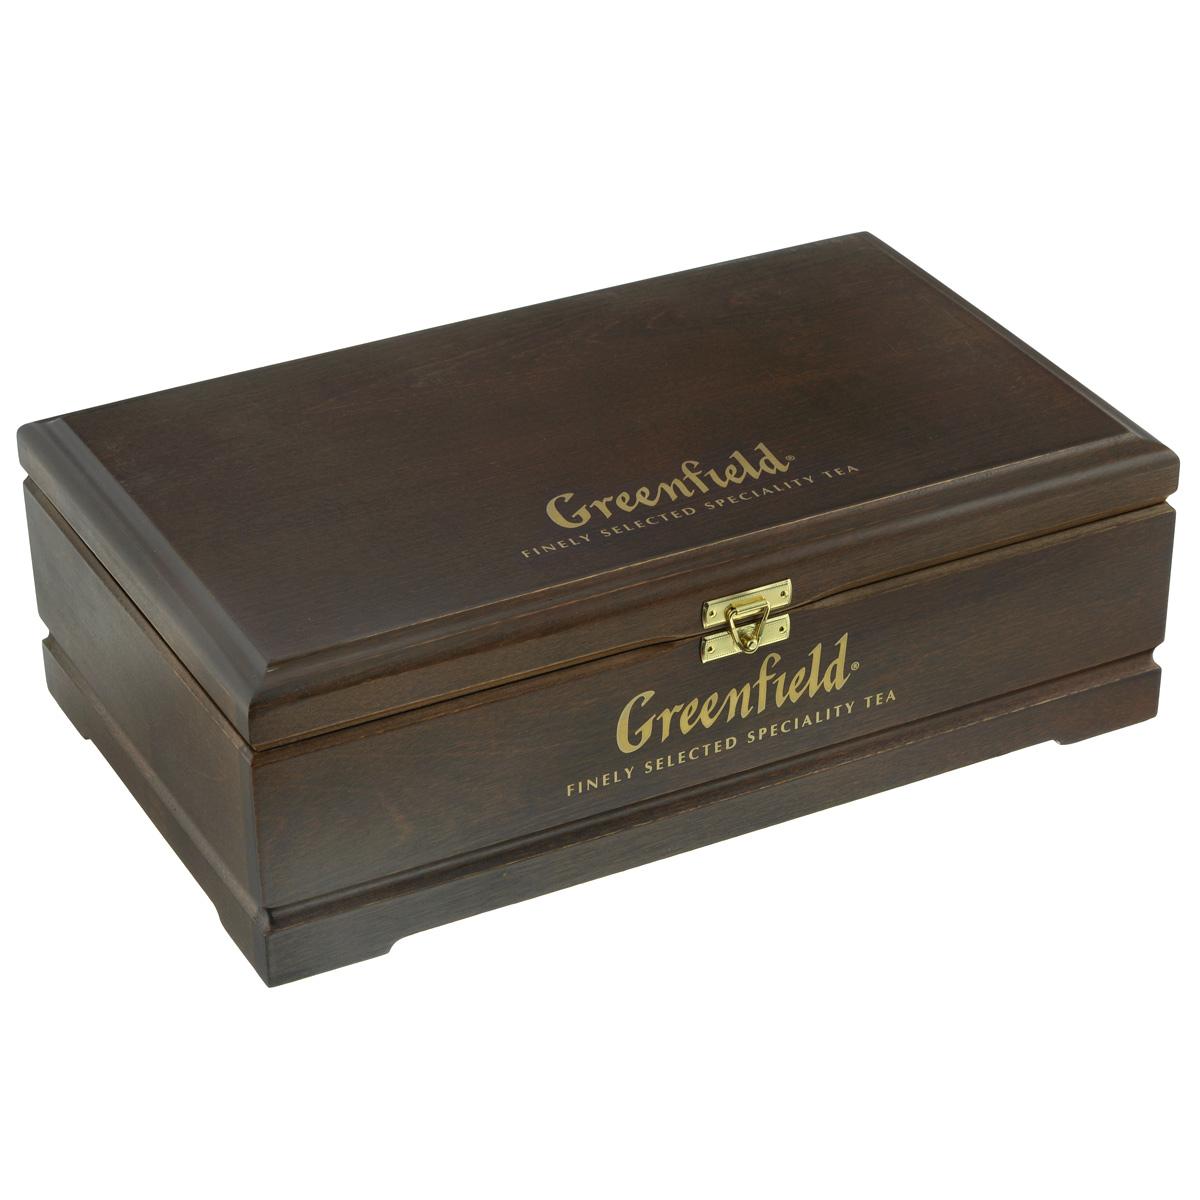 Greenfield подарочный набор: 8 видов чая, 178 г (деревянная шкатулка)0463-12Специально для тех, кто ценит изысканный вкус и превосходный аромат чая создан этот уникальный набор Гринфилд в необычной деревянной шкатулке. В подарочный набор входят: Голден Цейлон - черный цейлонский плантационный чай из Ругуну Меджик Юньнань - черный китайский плантационный чай из Юньнани Эрл Грей Фэнтази - черный цейлонский плантационный чай с ароматом бергамота Флаинг Драгон - зеленый китайский плантационный чай из Хунани Самма Букет - травяной чай на основе гибискуса, шиповника, яблока со вкусом малины Грин Мелисса - зеленый китайский чай с мелиссой, ароматом мяты и лимона Манго Делайт - белый китайский чай с яблоком и манго Спринг Мелоди - черный индийский чай с чабрецом, мятой и листом черной смородины